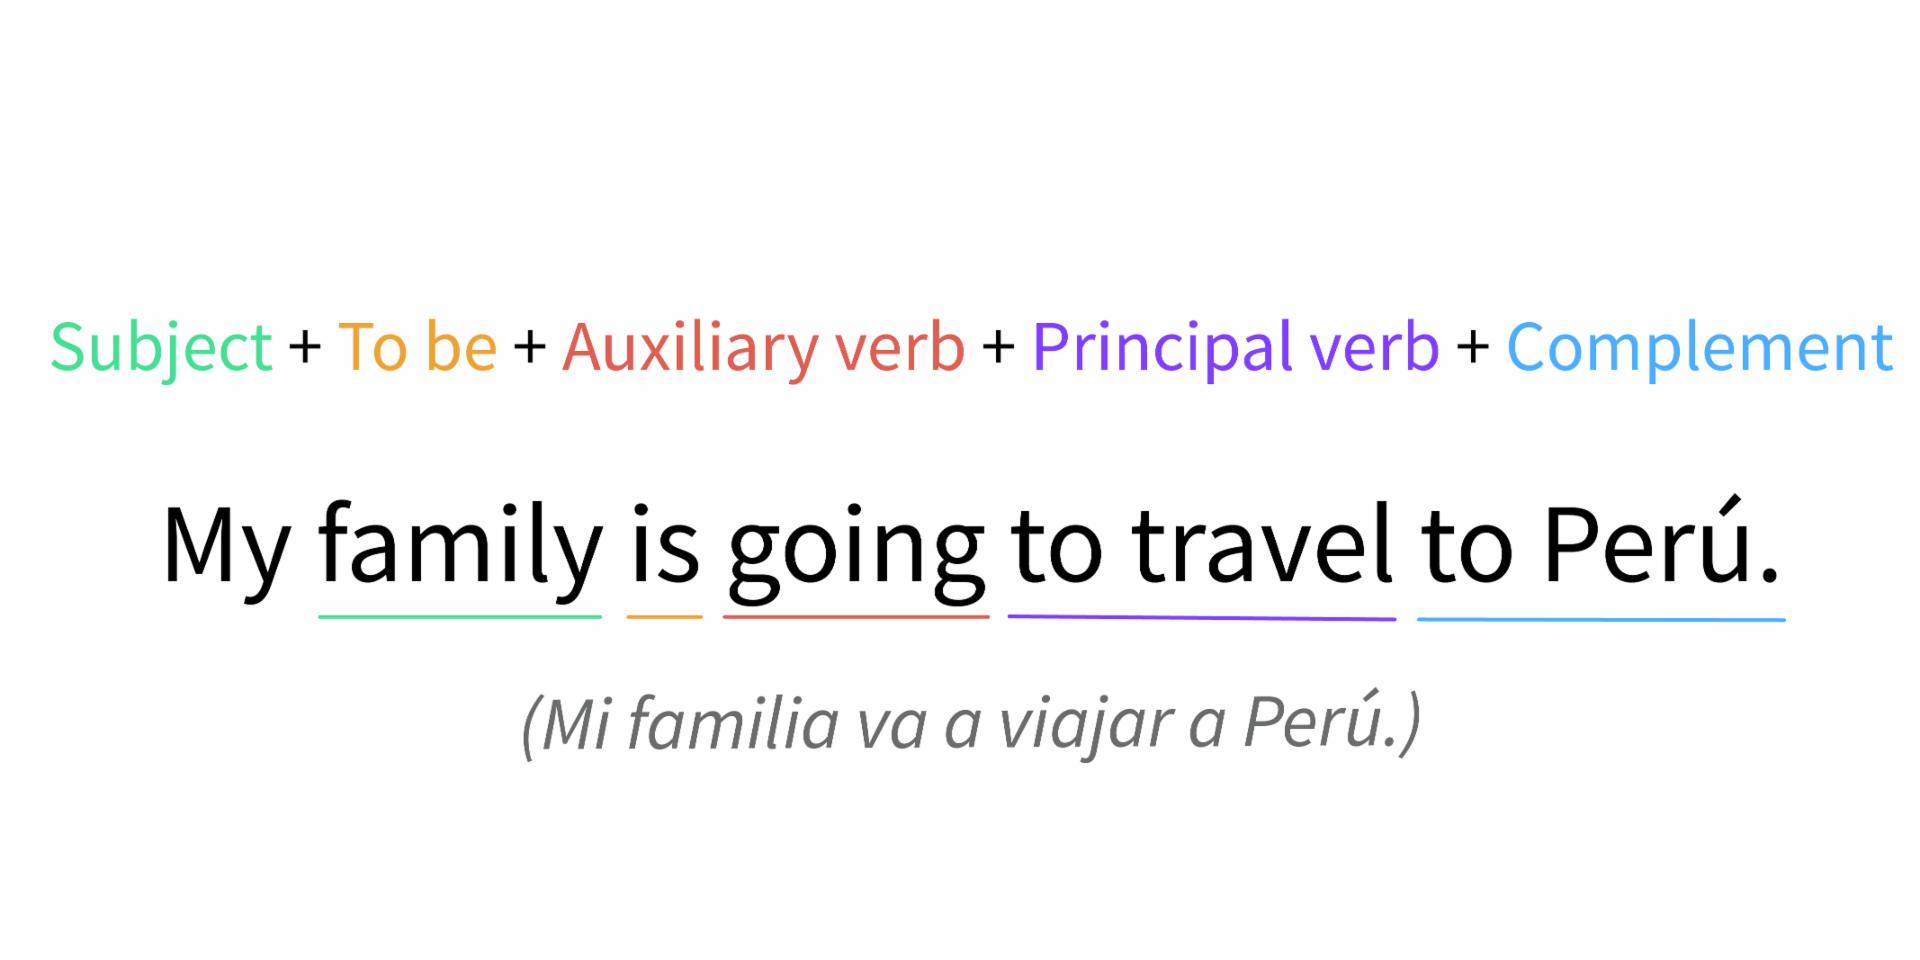 Estructura de una oración formulada en tiempo futuro simple empleando Going to.